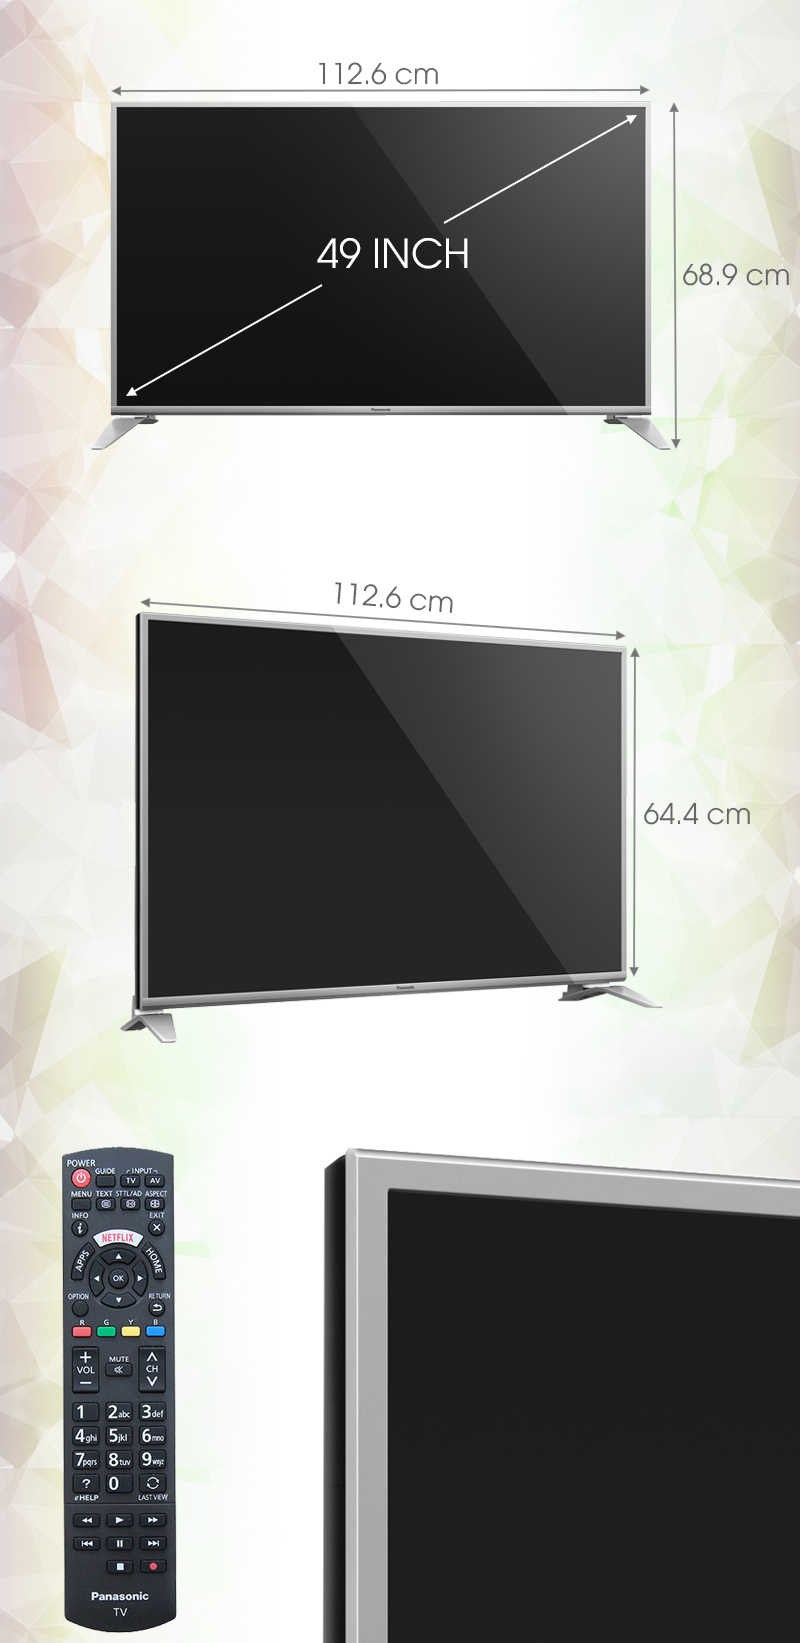 Smart Tivi Panasonic 49 inch TH-49DS630V - Kích thước tivi